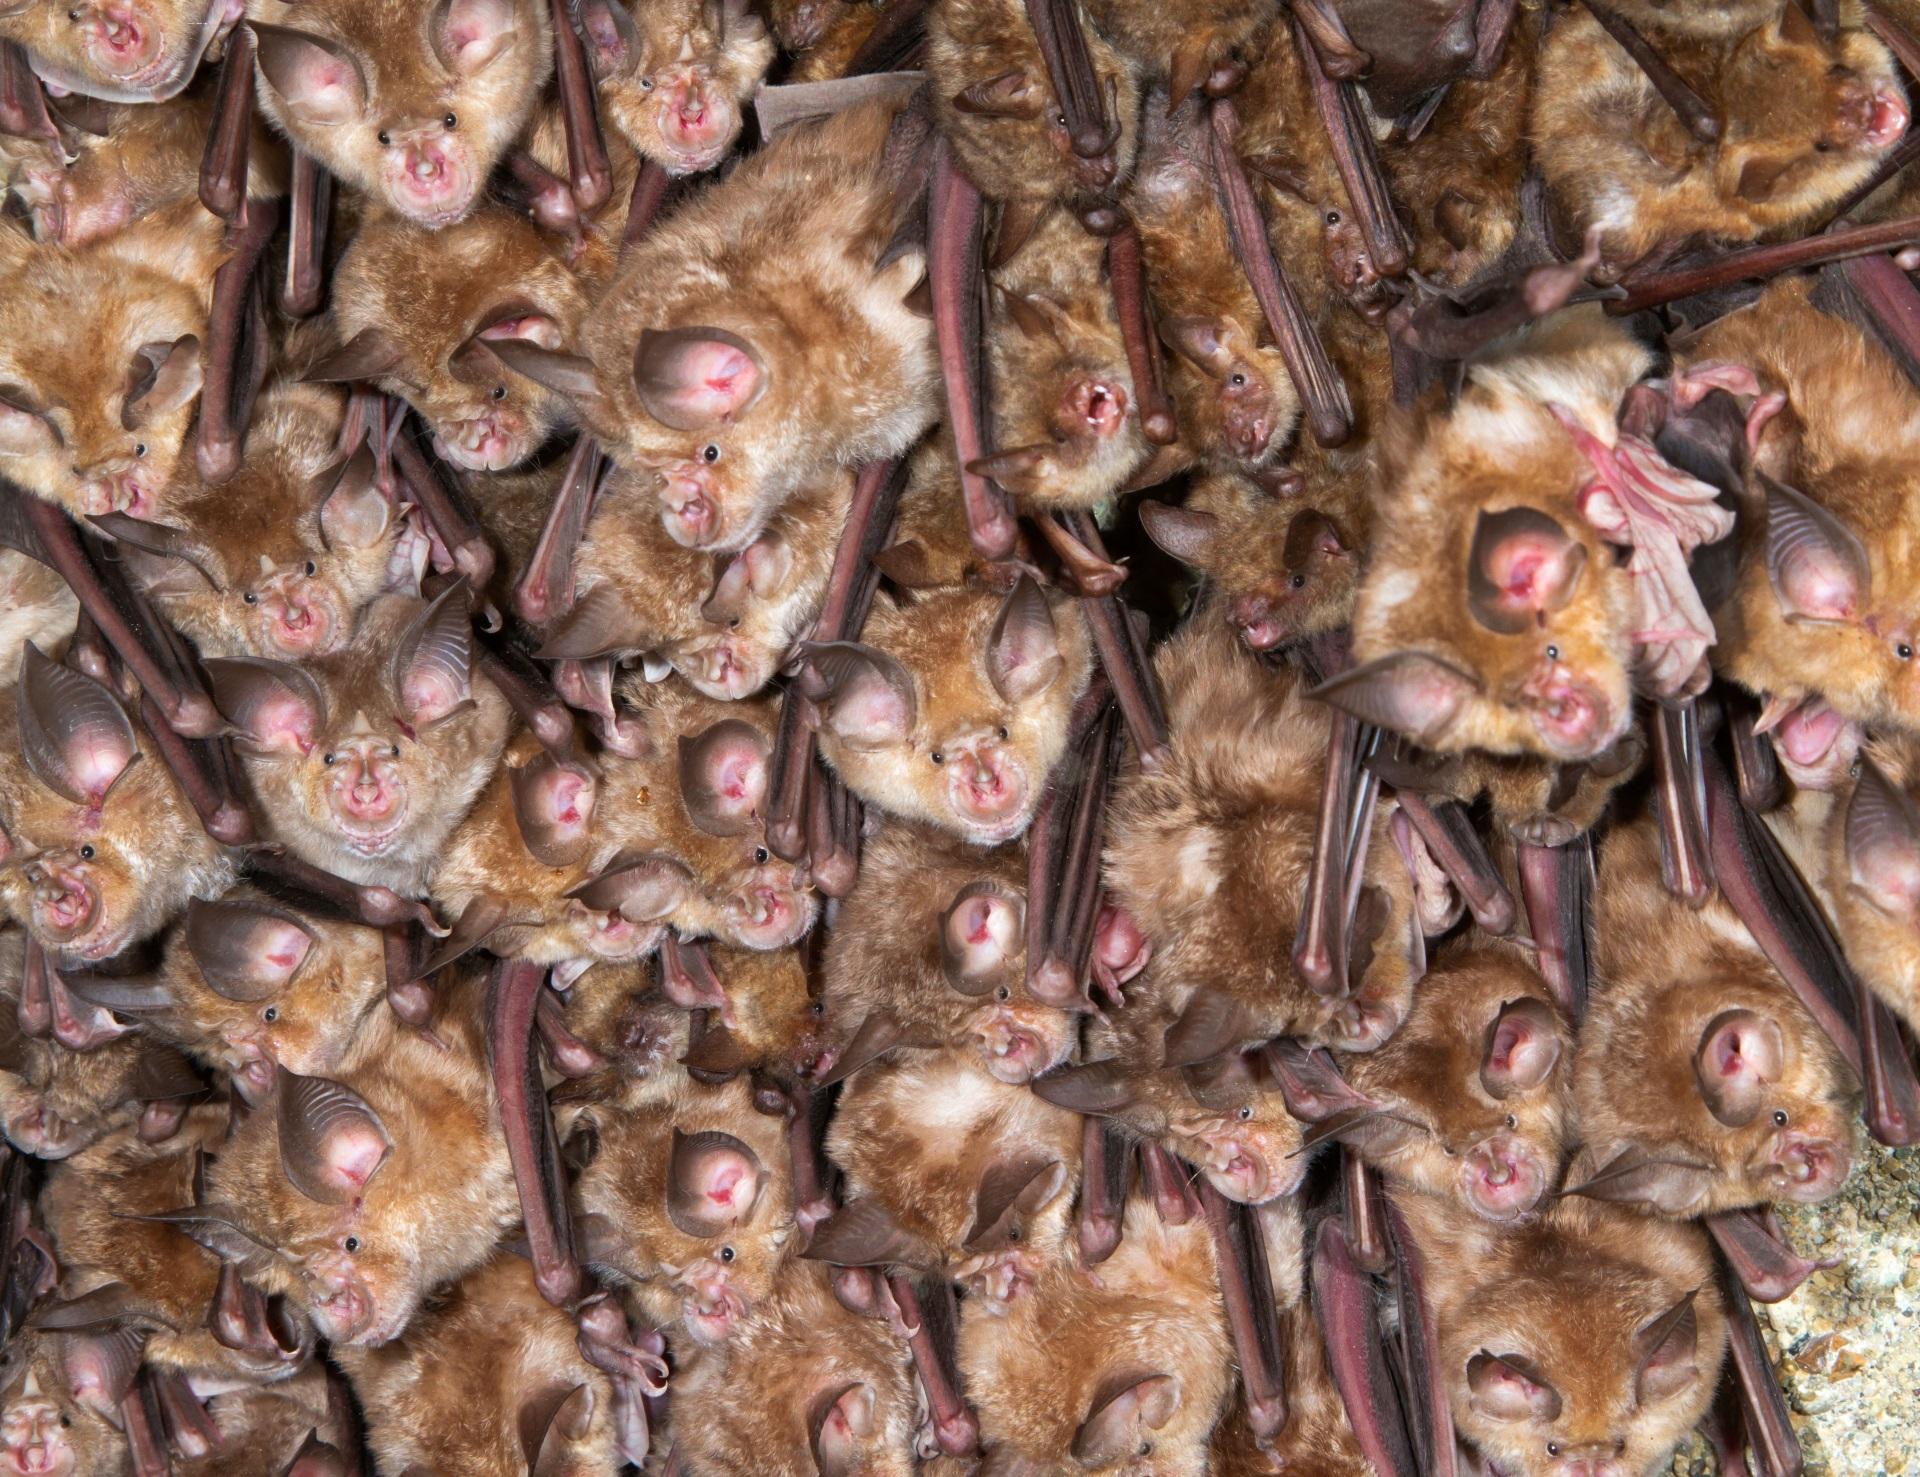 Un estudio científico certifica que no se vendieron murciélagos en Wuhan antes de la pandemia